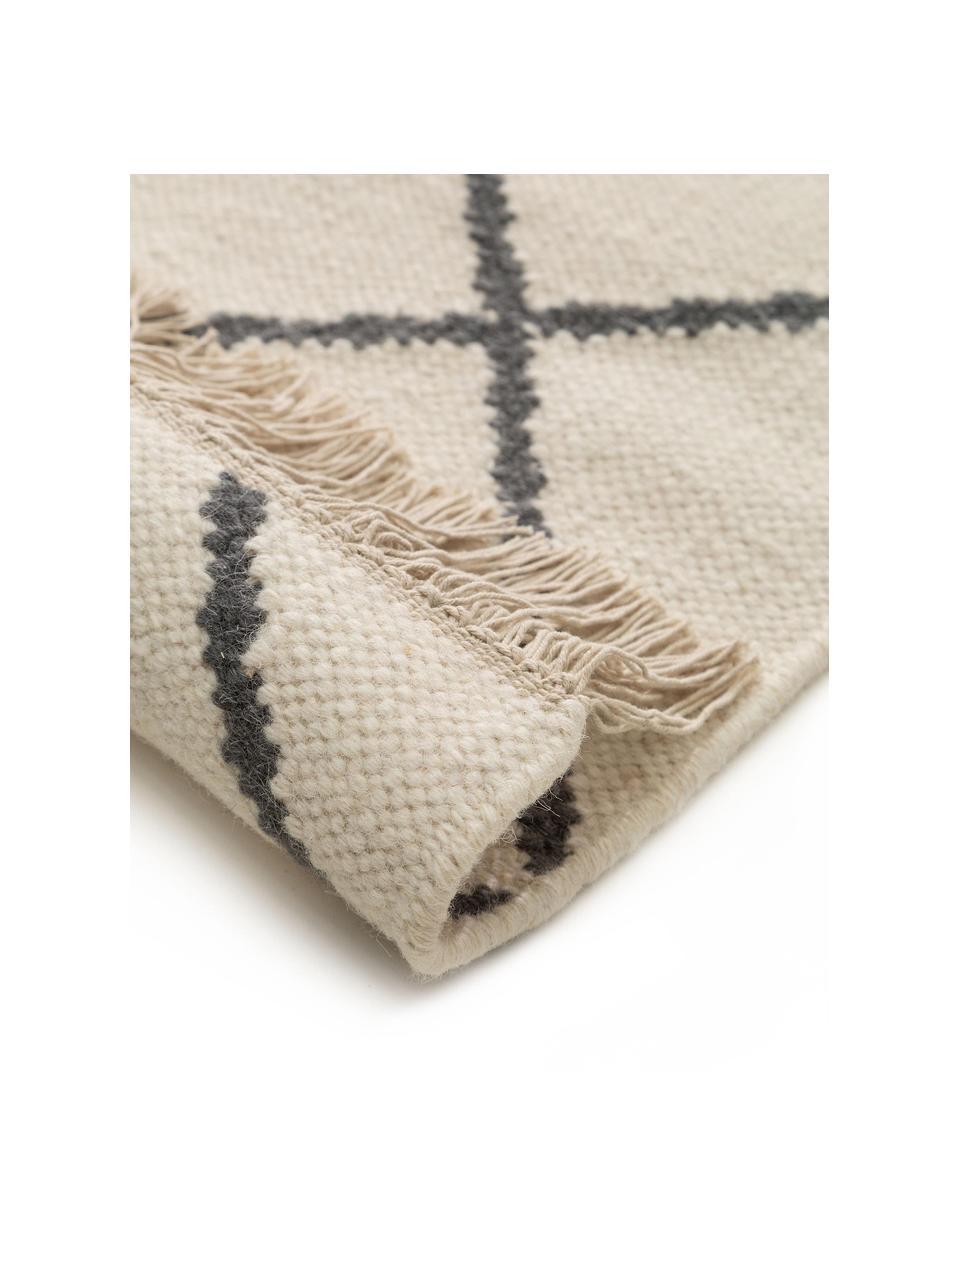 Handgewebter Kelim-Teppich Vince mit Rauten-Muster und Fransen, 90% Wolle, 10% Baumwolle  Bei Wollteppichen können sich in den ersten Wochen der Nutzung Fasern lösen, dies reduziert sich durch den täglichen Gebrauch und die Flusenbildung geht zurück., Elfenbein, Dunkelgrau, B 200 x L 300 cm (Größe L)